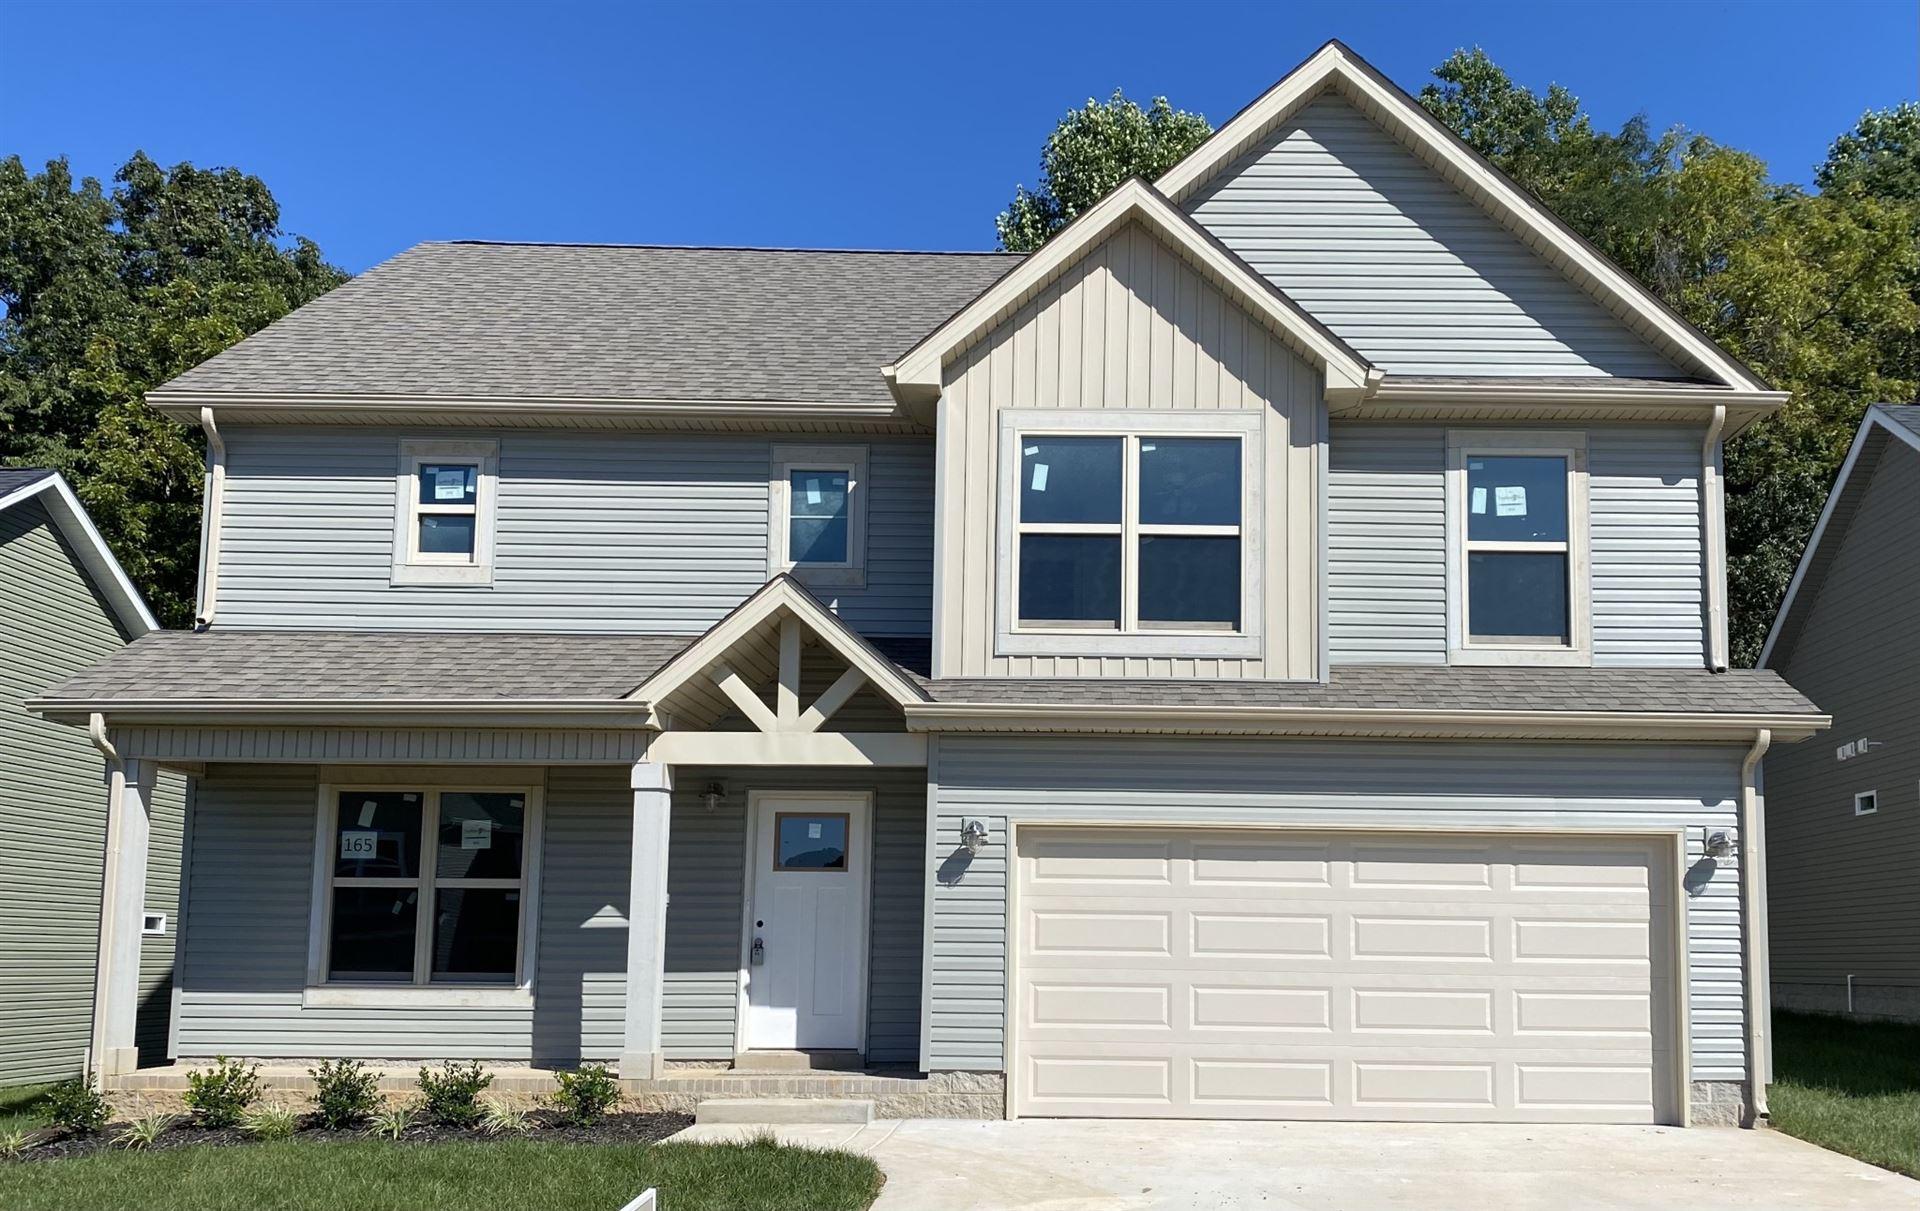 165 Chalet Hills, Clarksville, TN 37040 - MLS#: 2262268